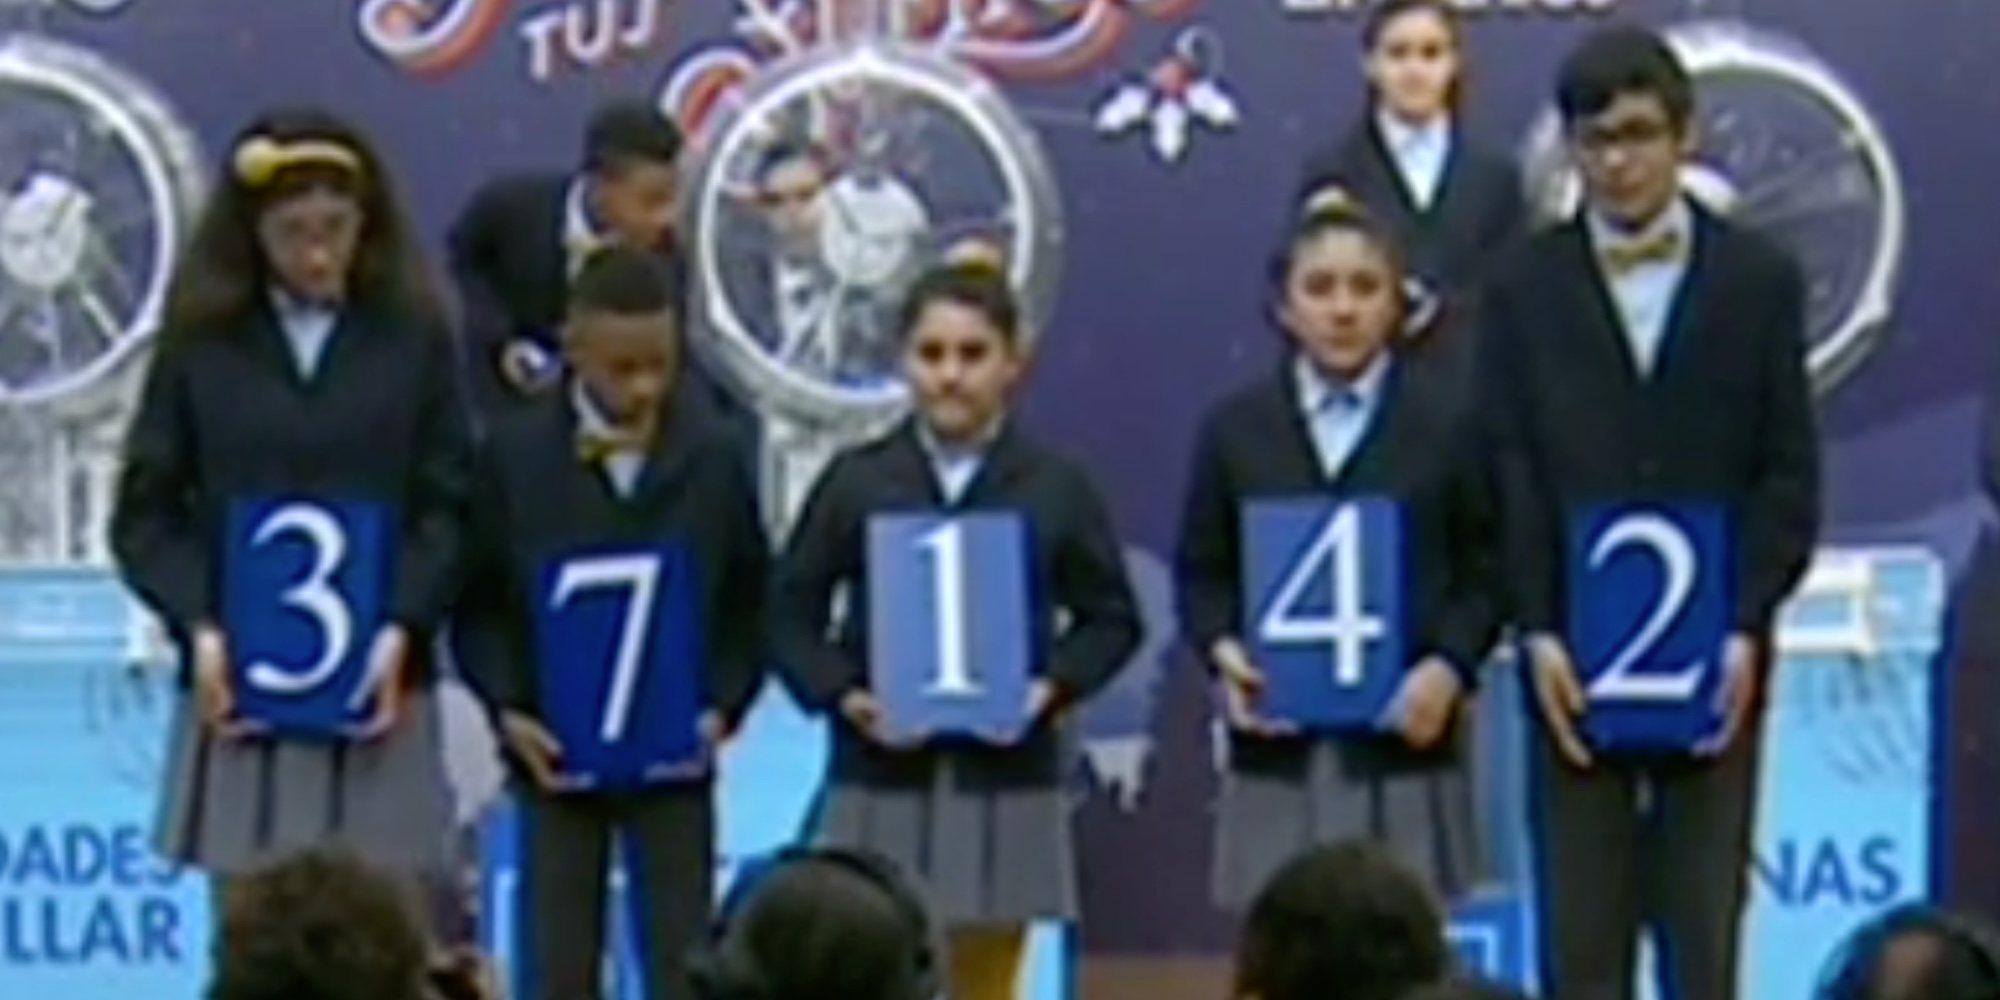 Todos los números premiados de la Lotería de El Niño 2019: 37142, el primer premio